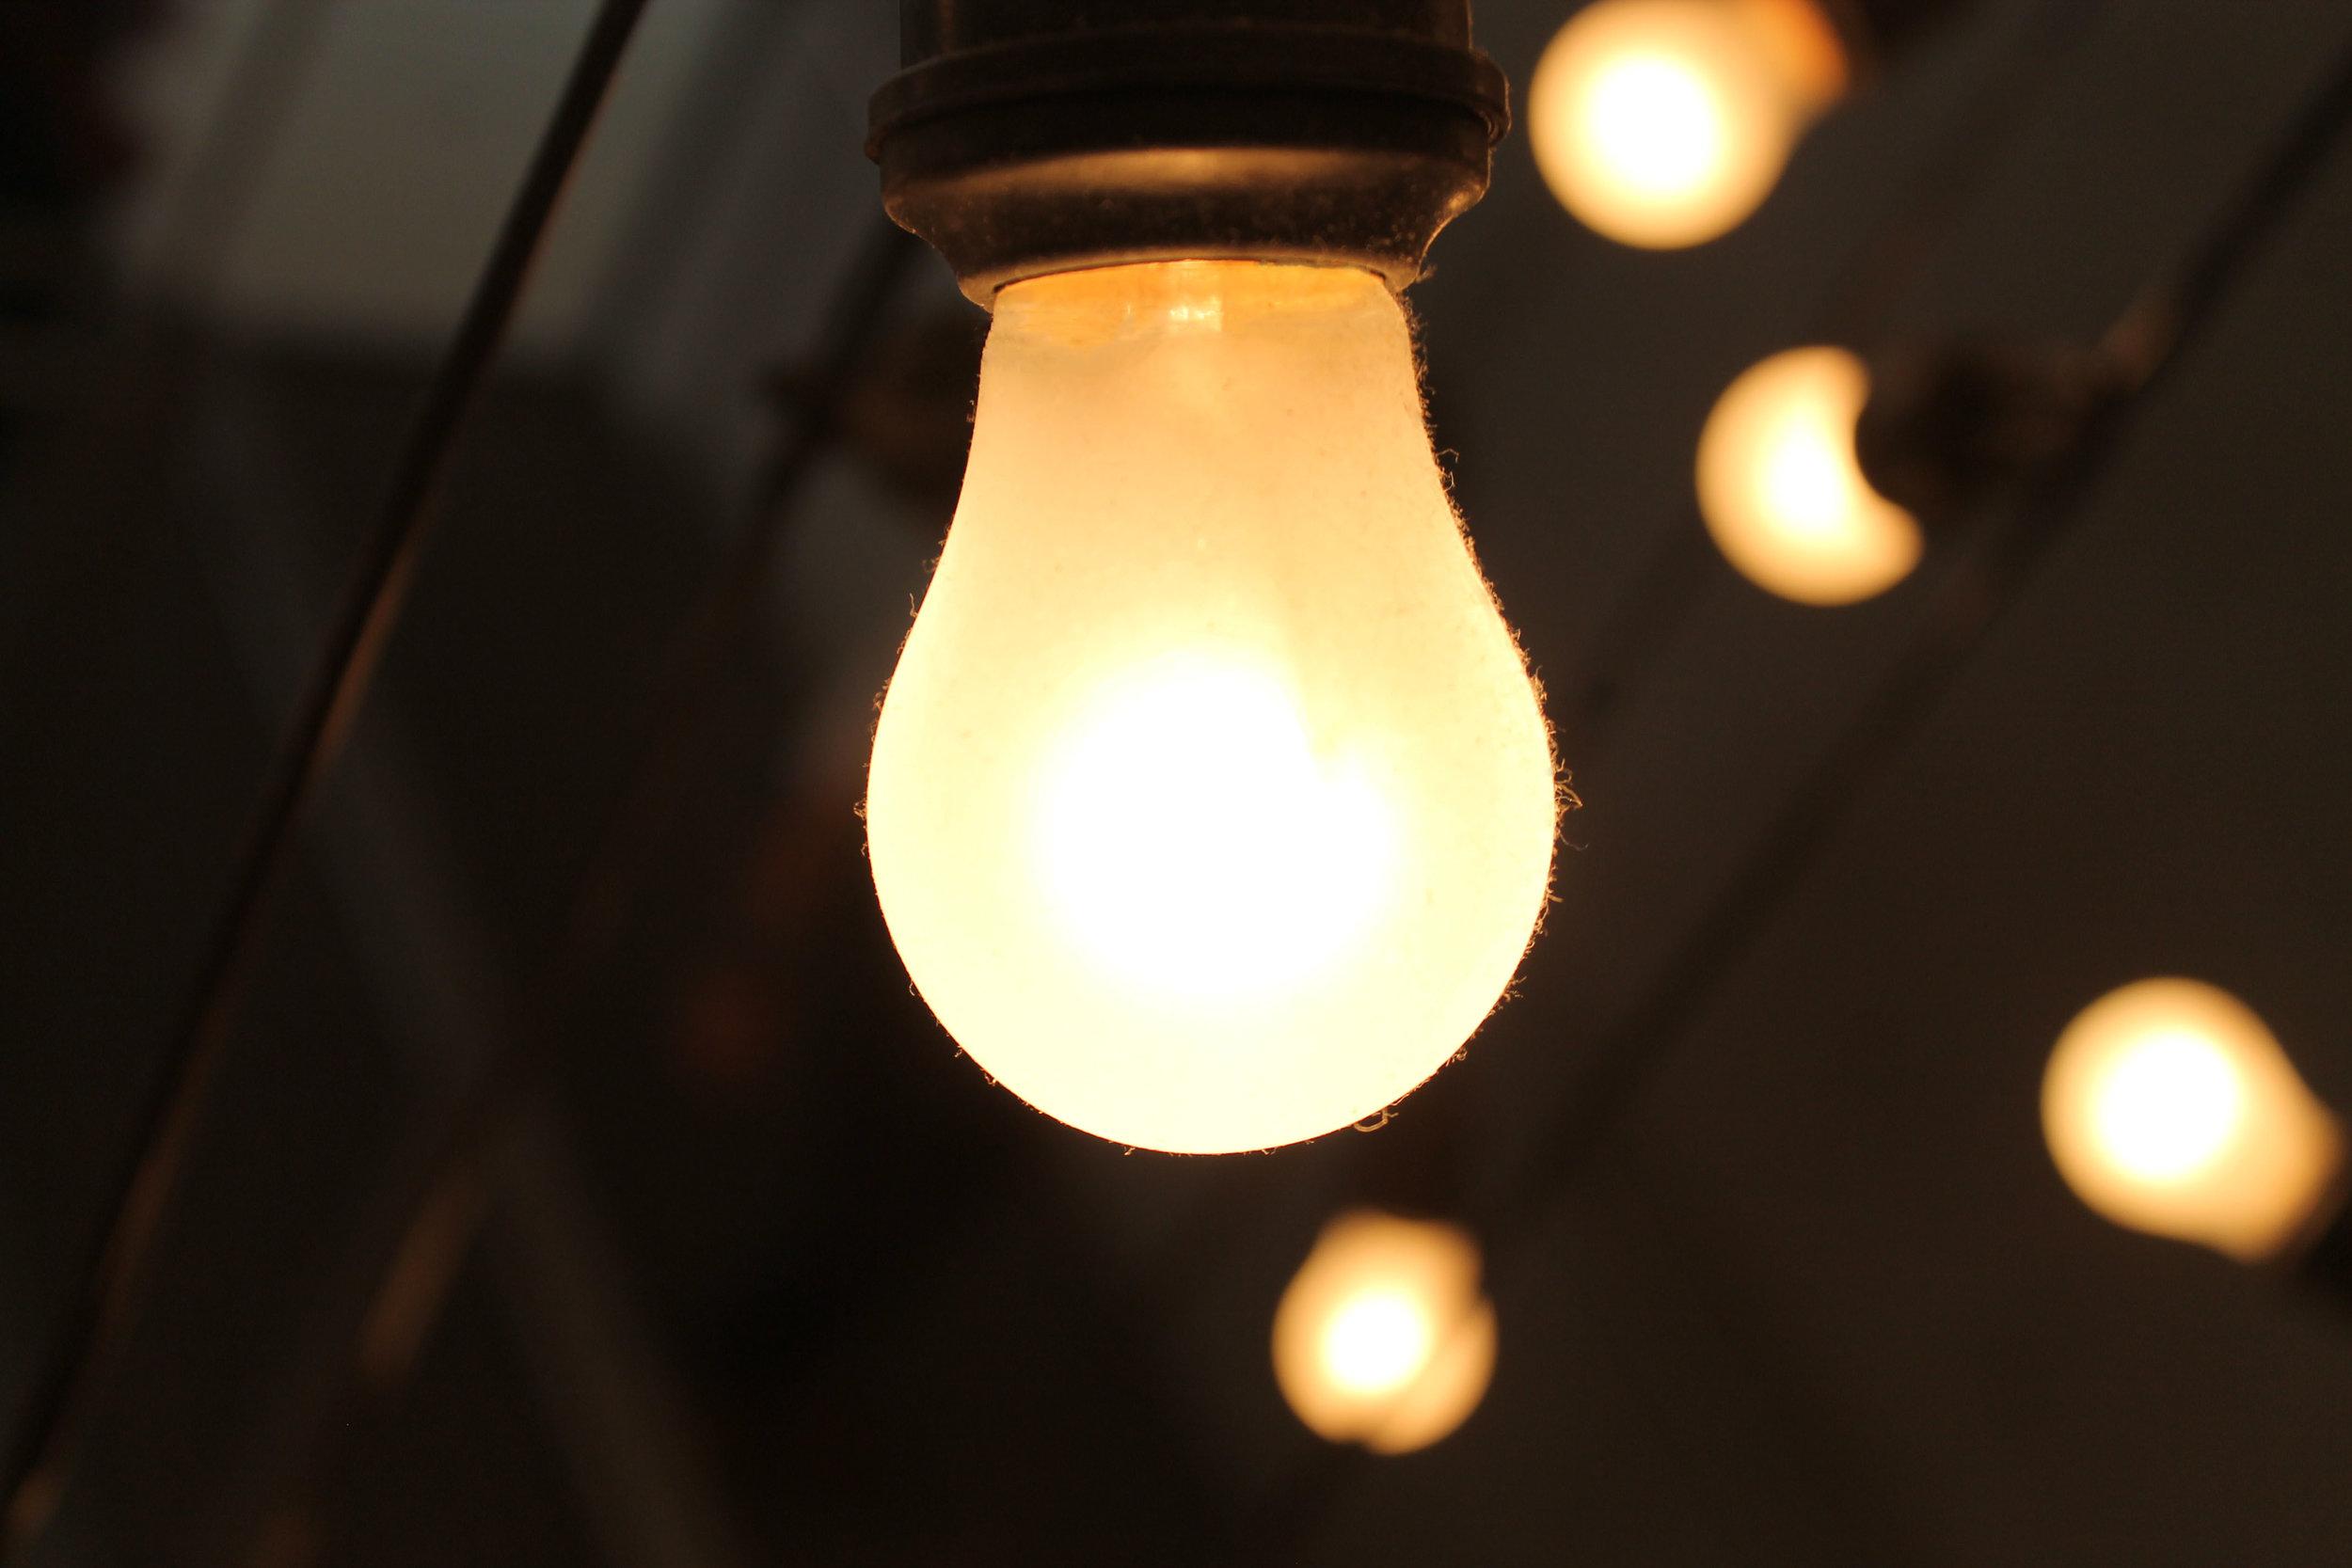 angelica lightbulb picture.jpg